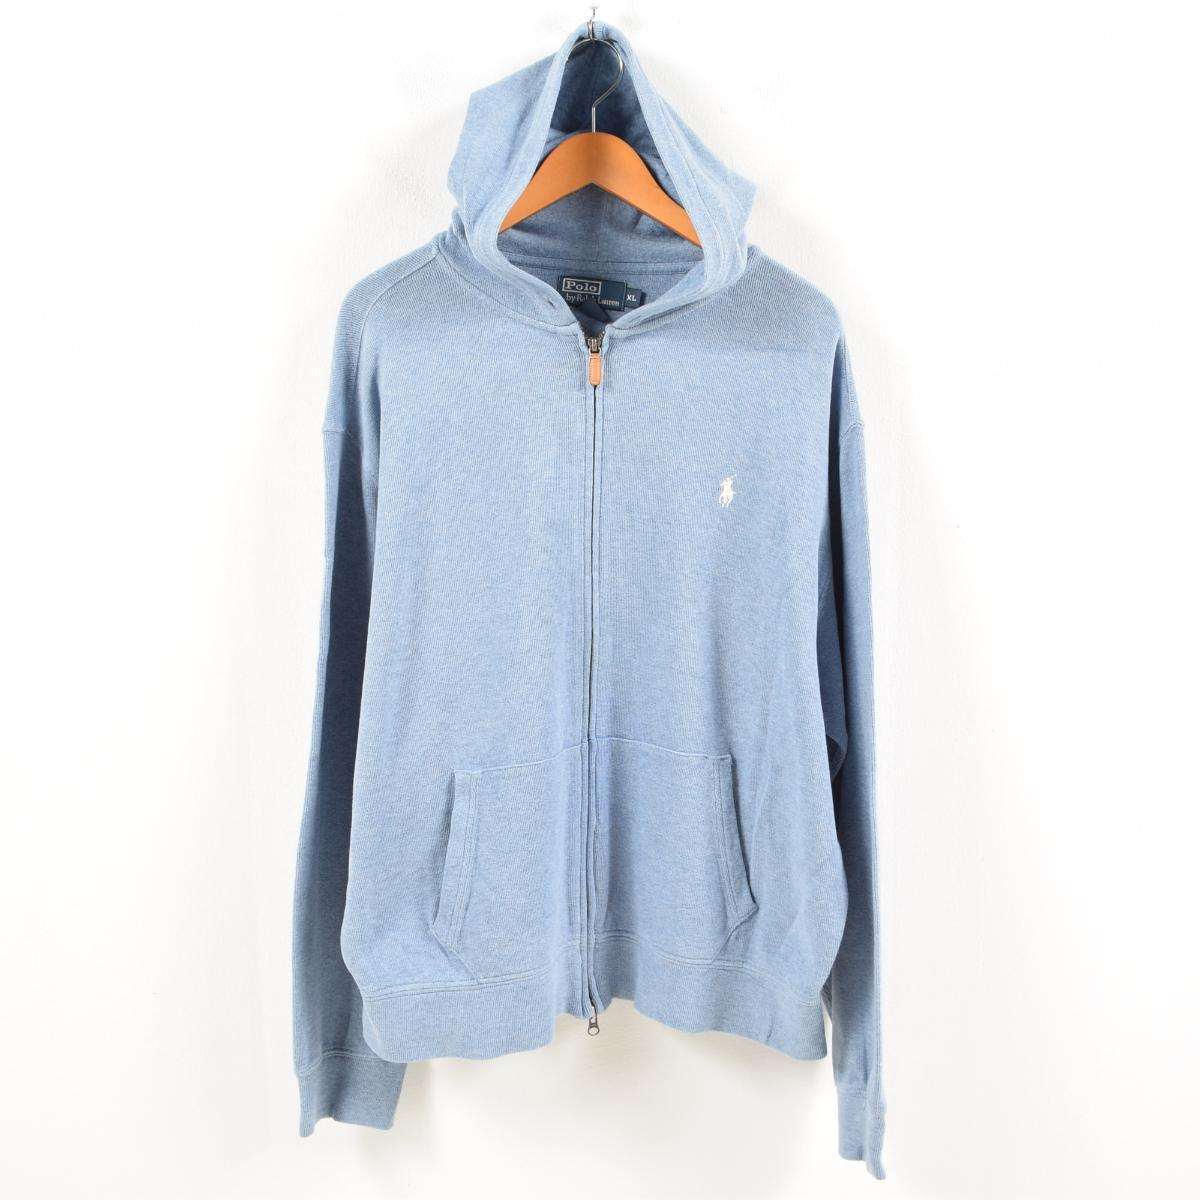 9ea473f12 Ralph Lauren Ralph Lauren POLO by Ralph Lauren sweat shirt full zip parka  men XL  wal2369